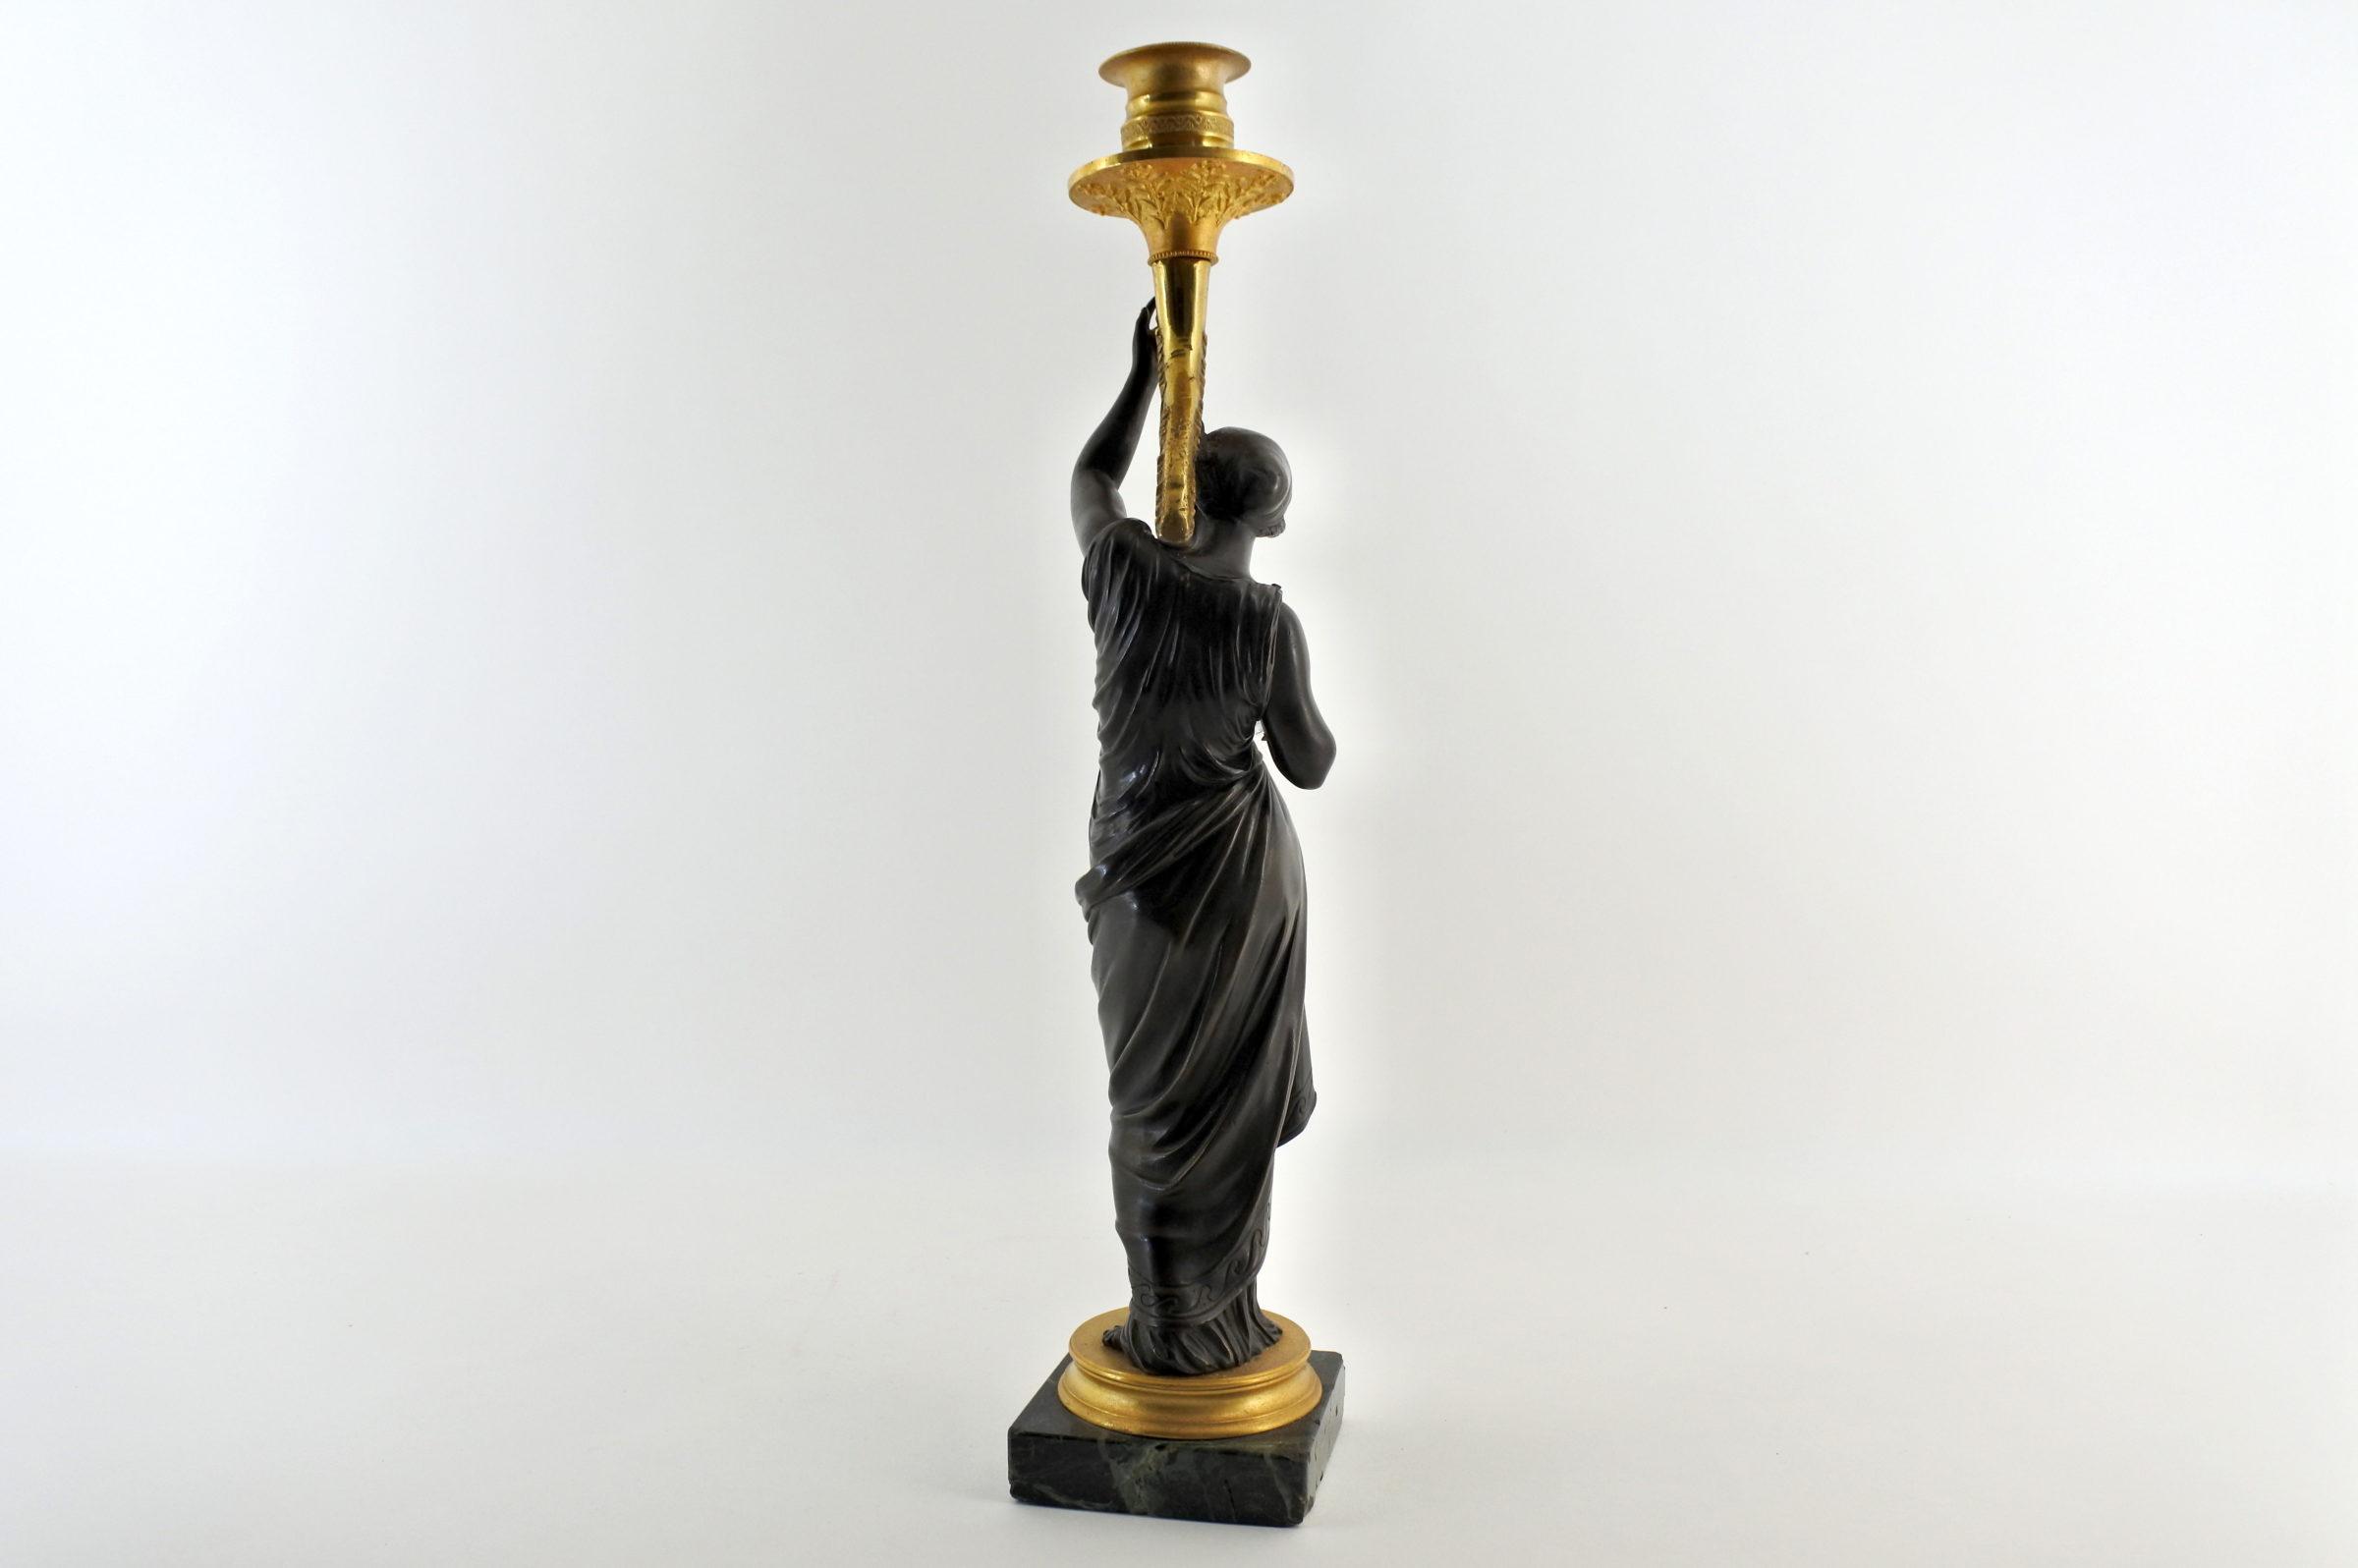 Candeliere in bronzo con parti dorate al mercurio - 3